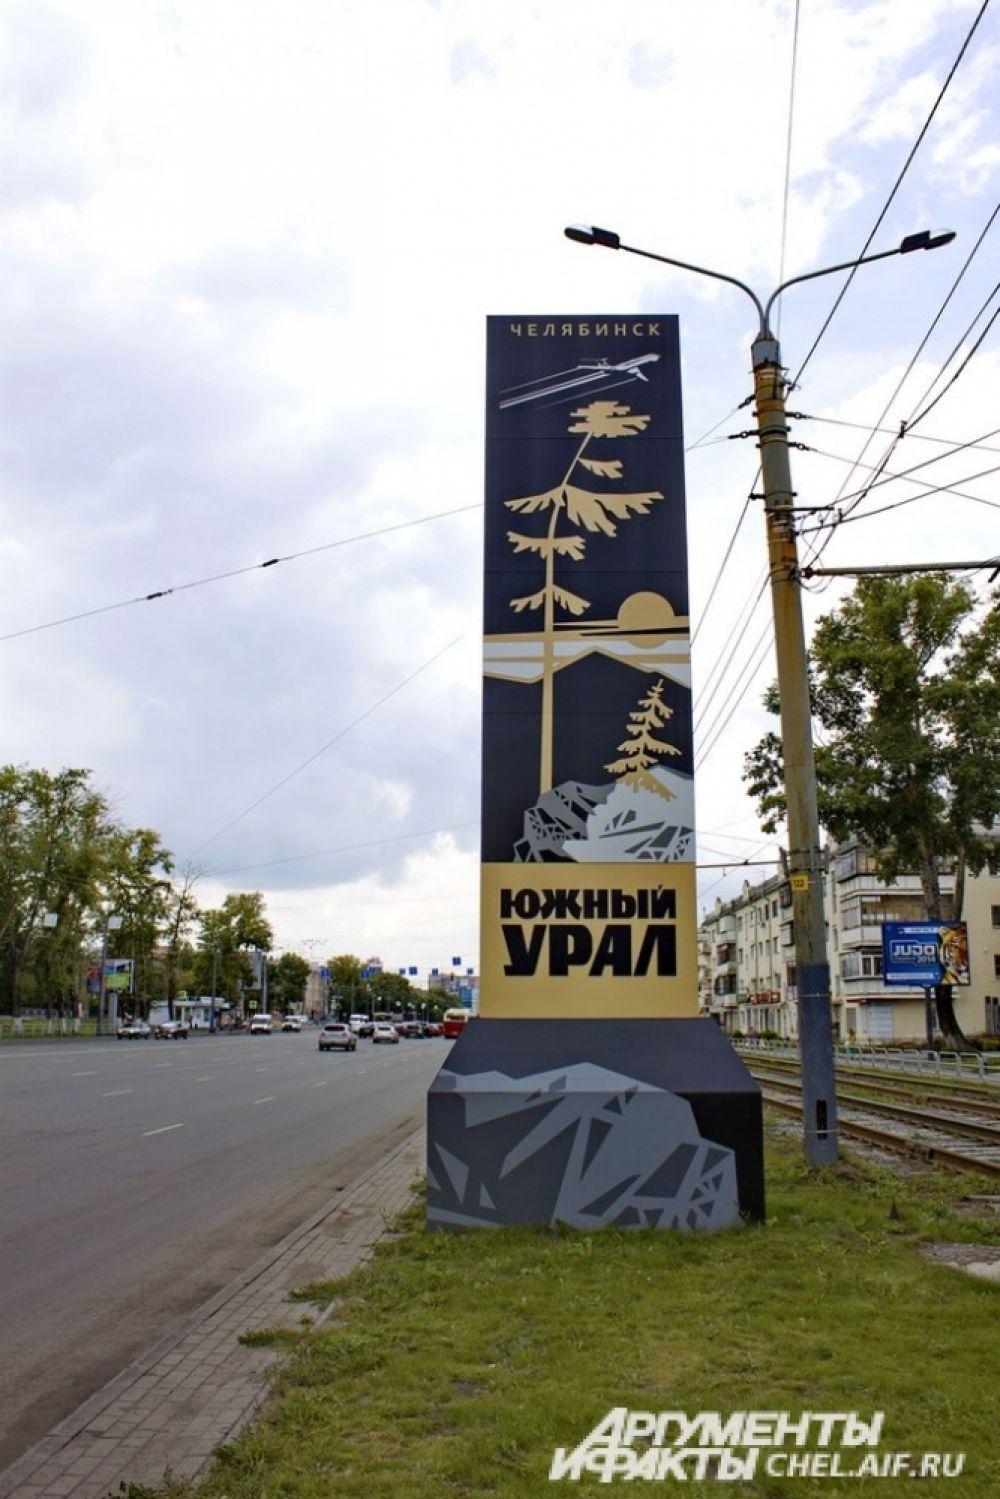 Сразу за перекрестком проспекта Ленина и улицы Рождественского гостей и жителей города встречает стела с изображением одного из самых известных сюжетов златоустовской гравюры.